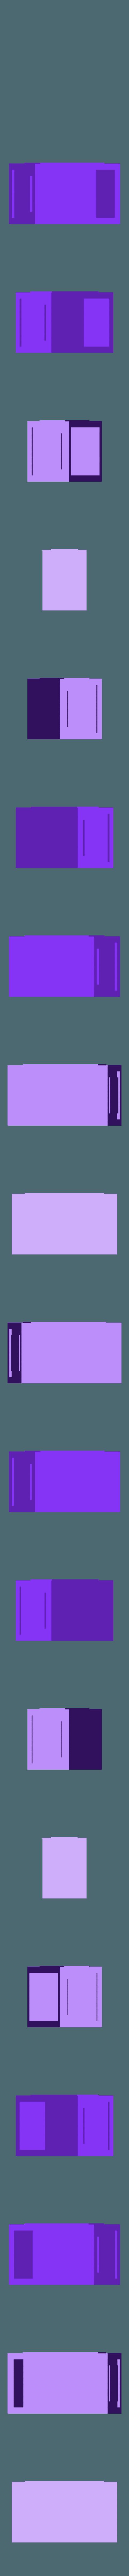 tumba.stl Télécharger fichier STL gratuit tombeau • Objet pour imprimante 3D, borjajusticialeon